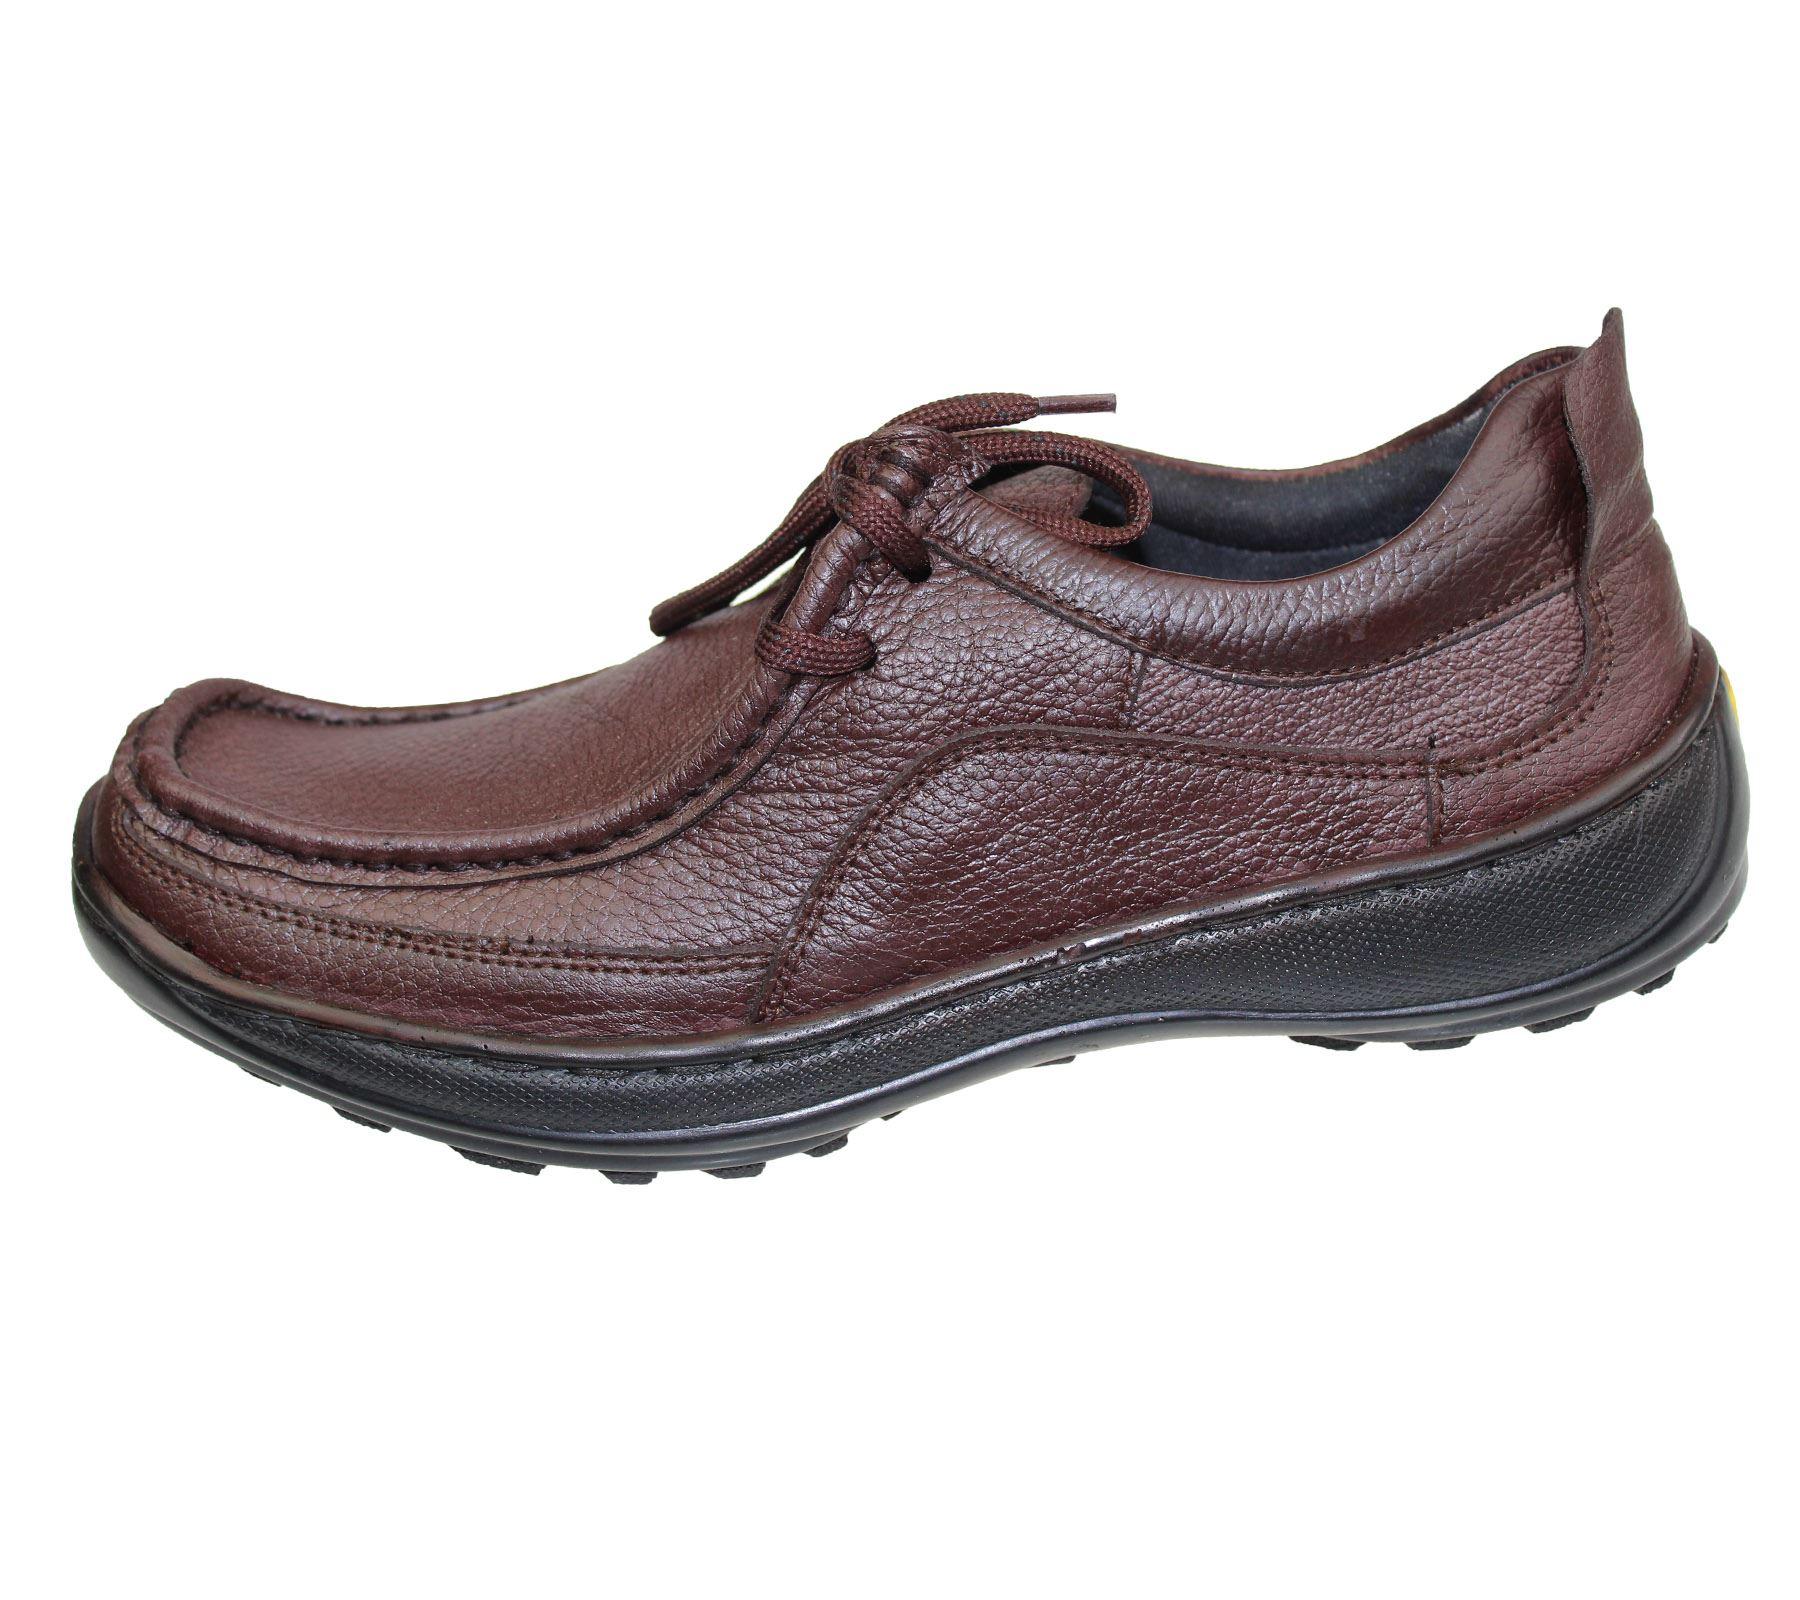 Dexter Mens Deck Shoes Wide Shoes